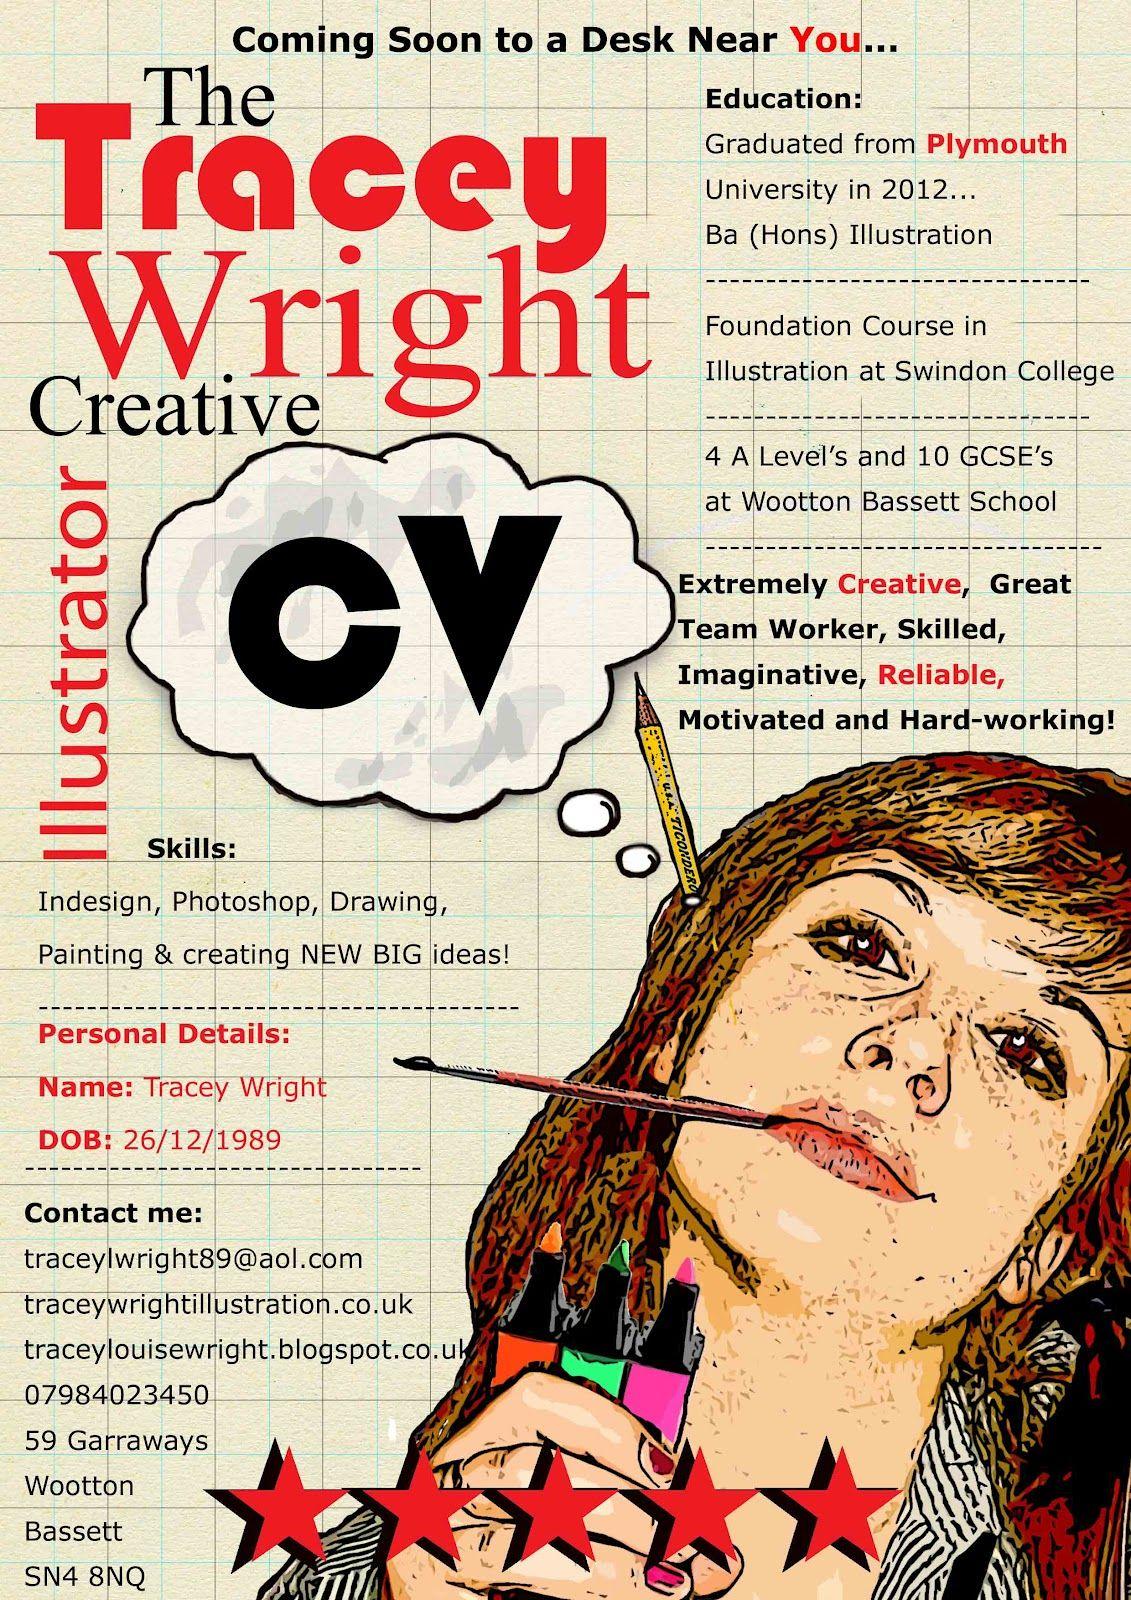 cv done done jpg 1131×1600 work creative cv done done jpg 1131×1600